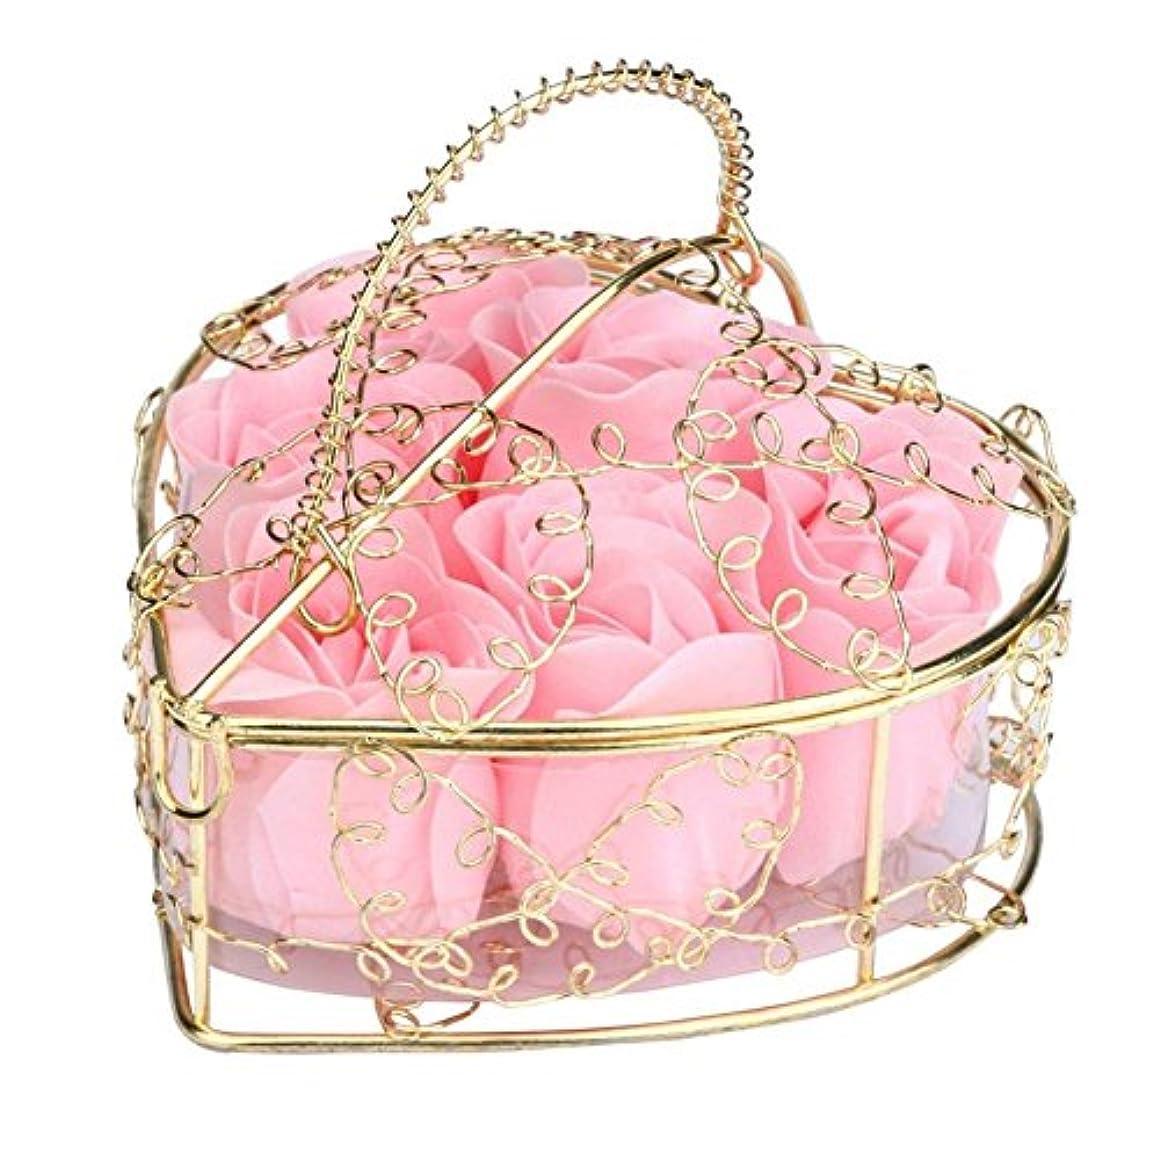 調整失望ペパーミントSODIAL 6個の香り付きローズフラワー 花びらバス ボディソープ ウェディングパーティーギフト ホームDIYデコレーション(ピンク)